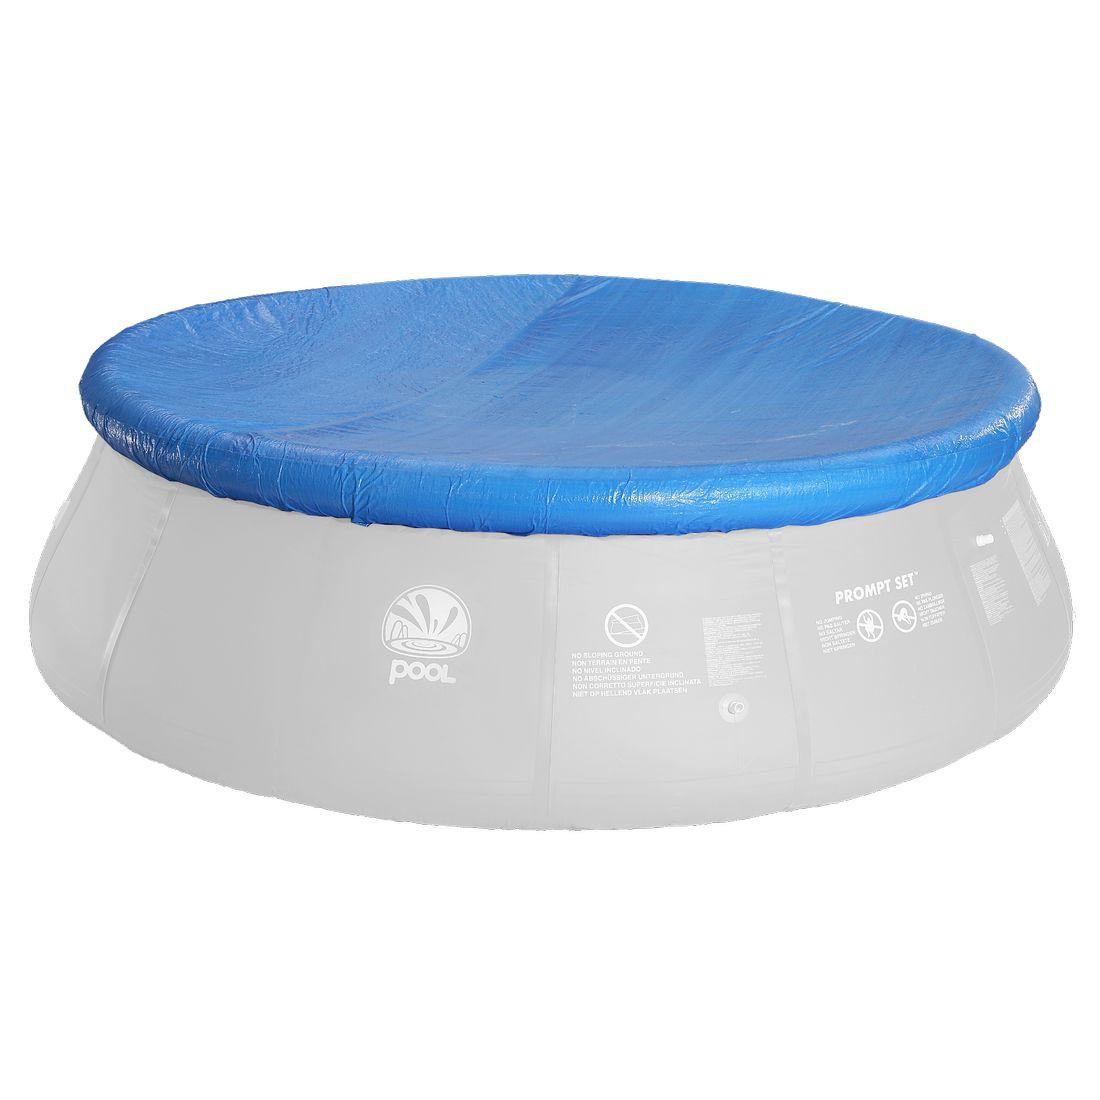 Achetez jilong pc 450 psp couverture de piscine 476 for Acheter piscine pour chien